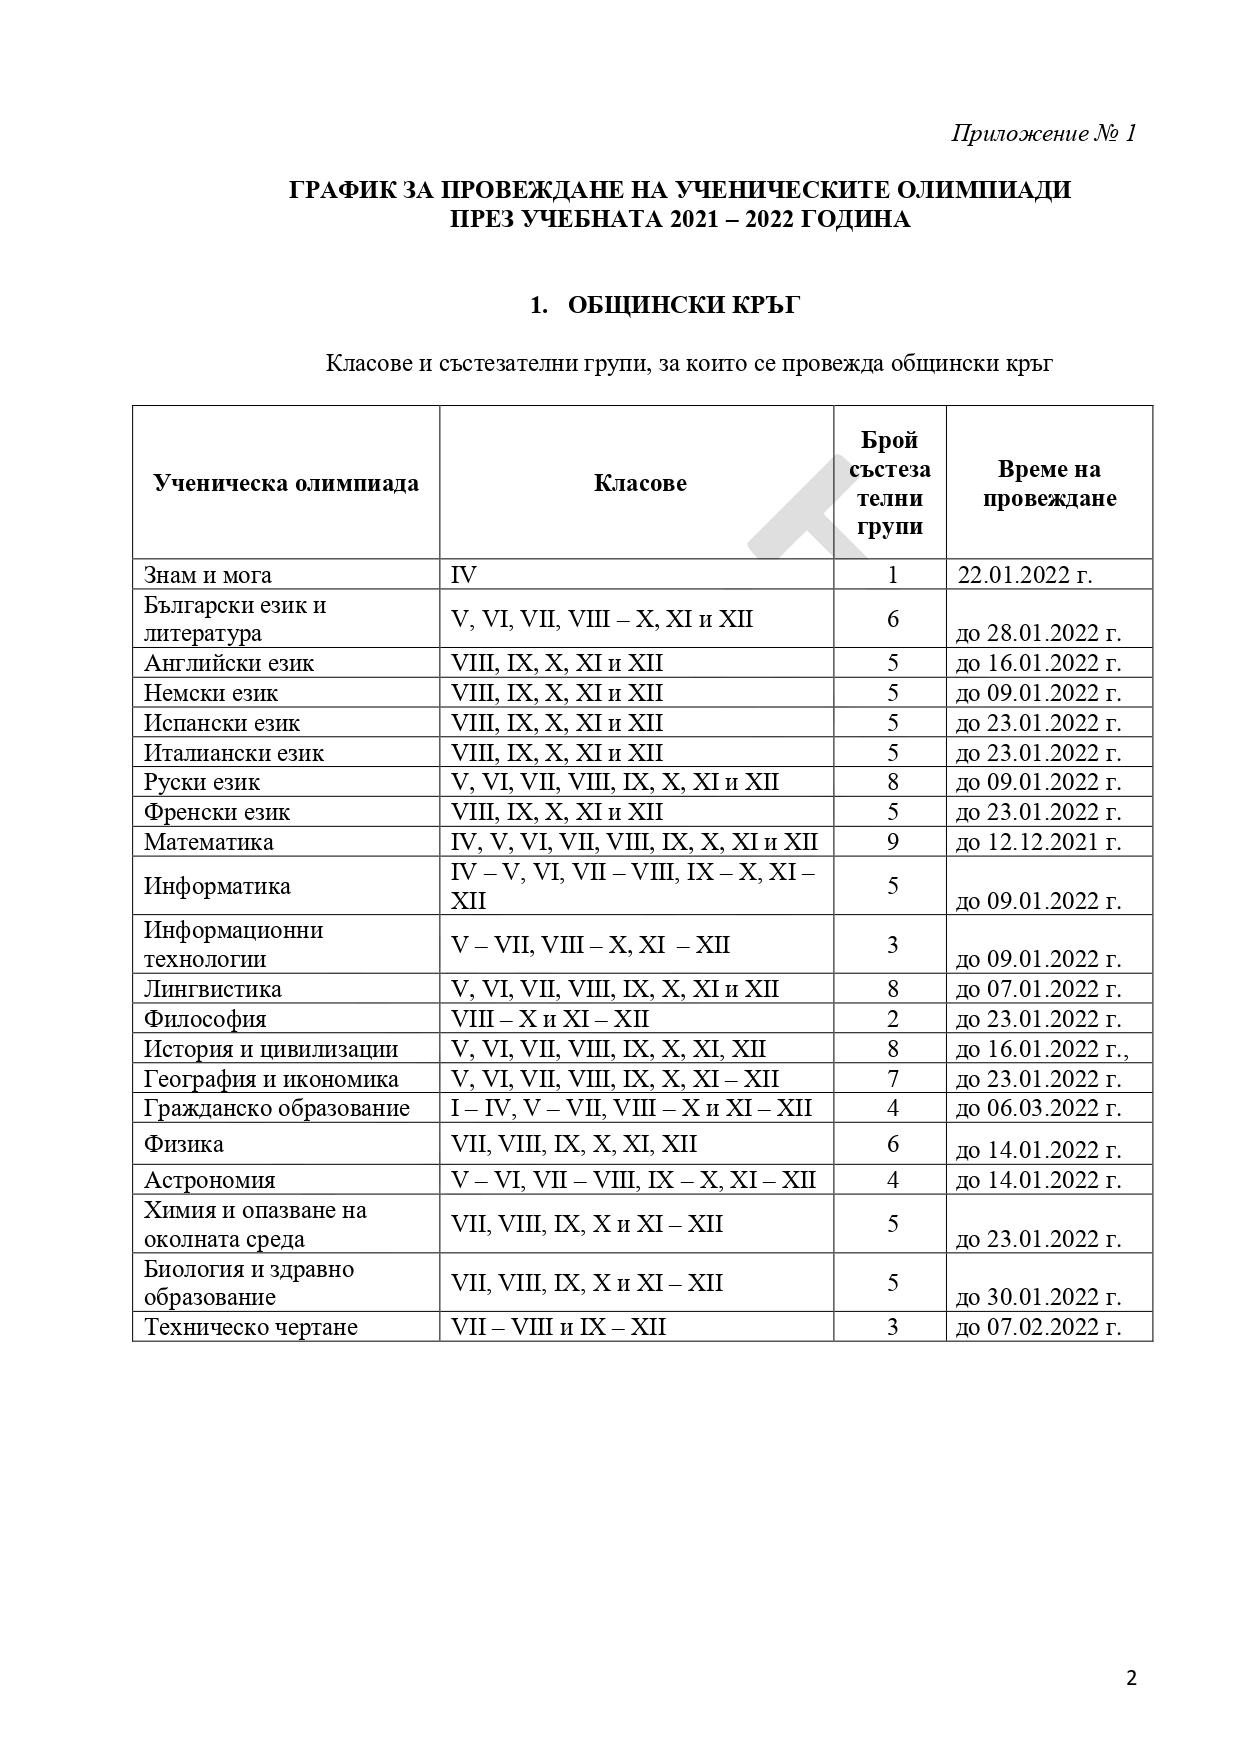 PRZ_grafik_olimpiadi_21-22_20072021 (1)_page-0002